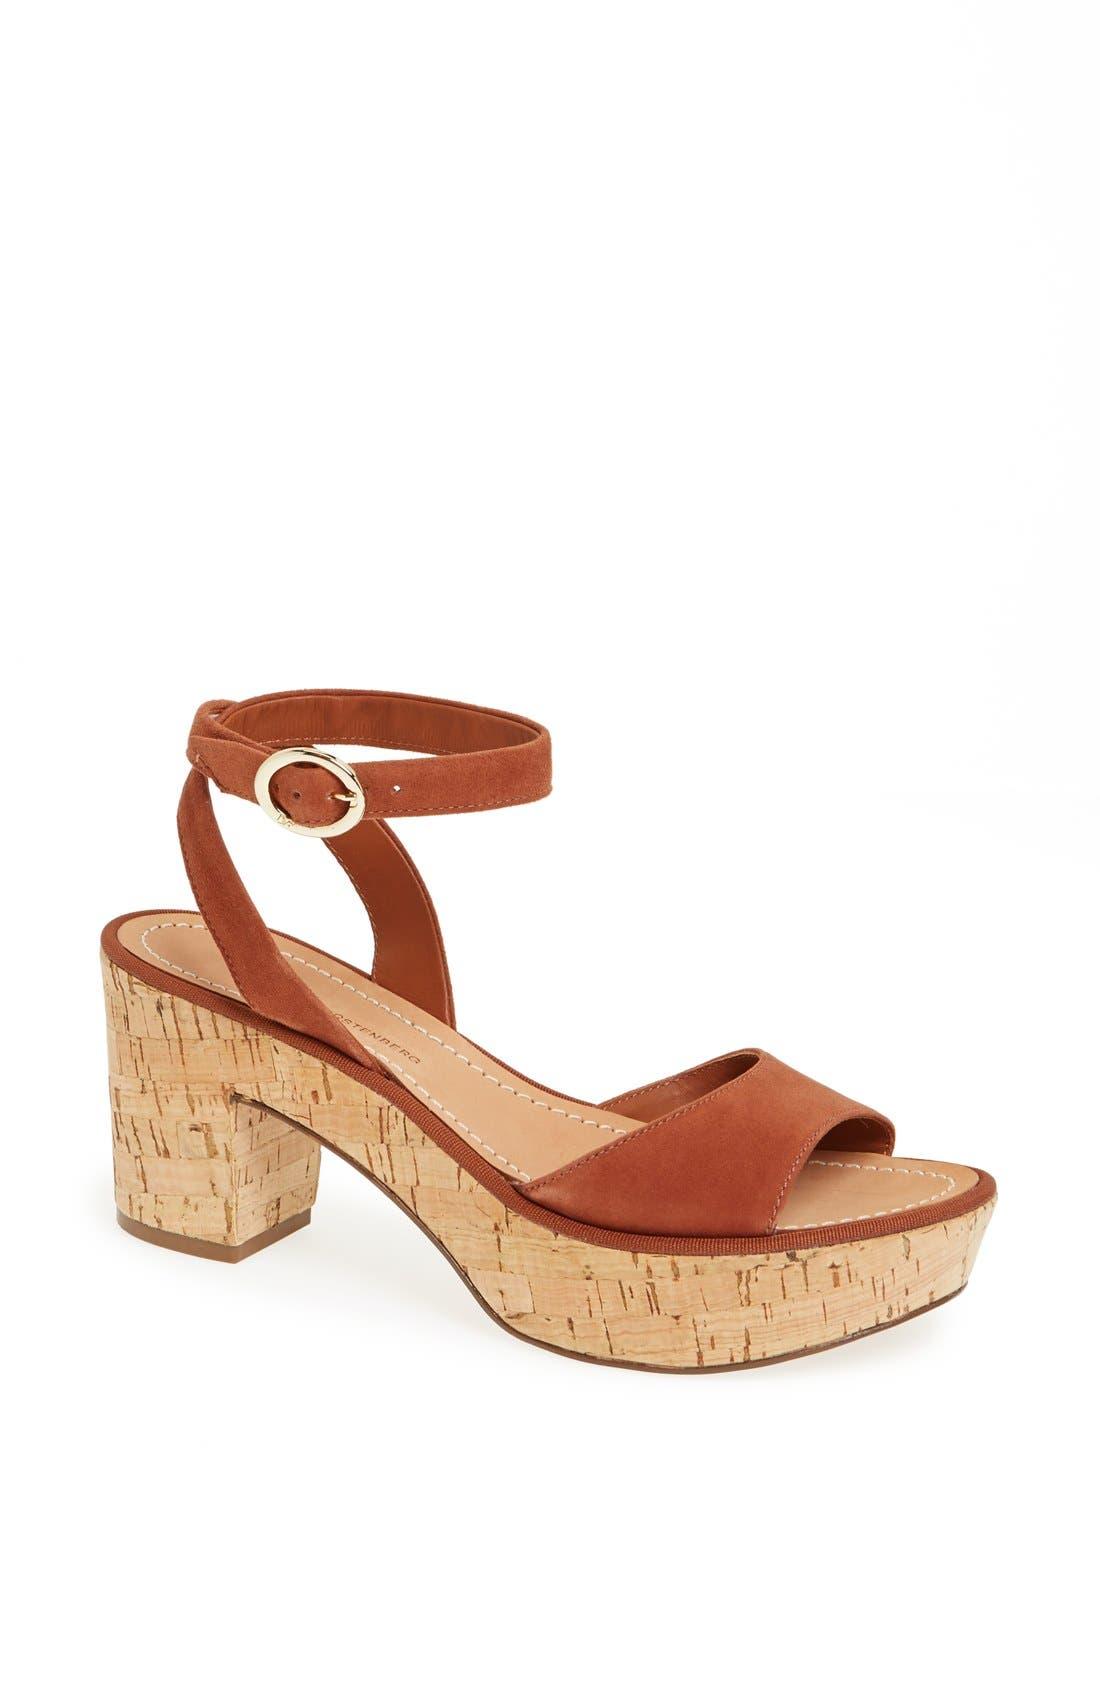 Alternate Image 1 Selected - Diane von Furstenberg 'Odelia' Sandal (Online Only)